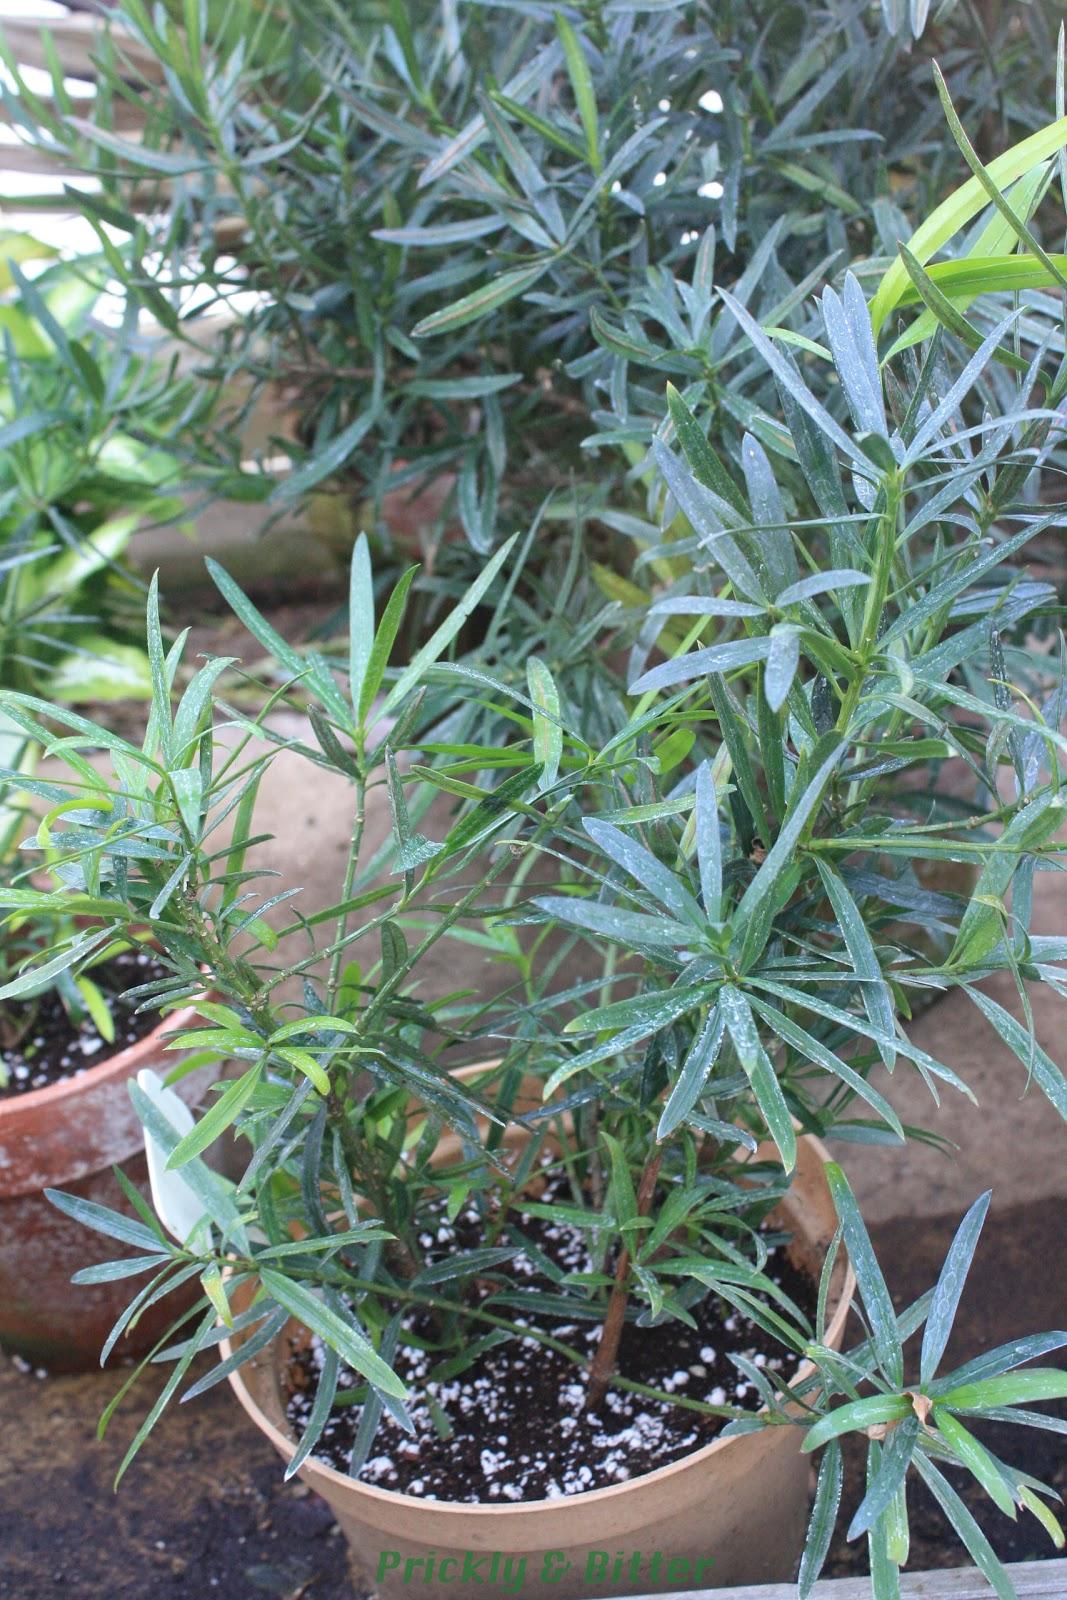 Prickly And Bitter Kusamaki The Arhat Pine